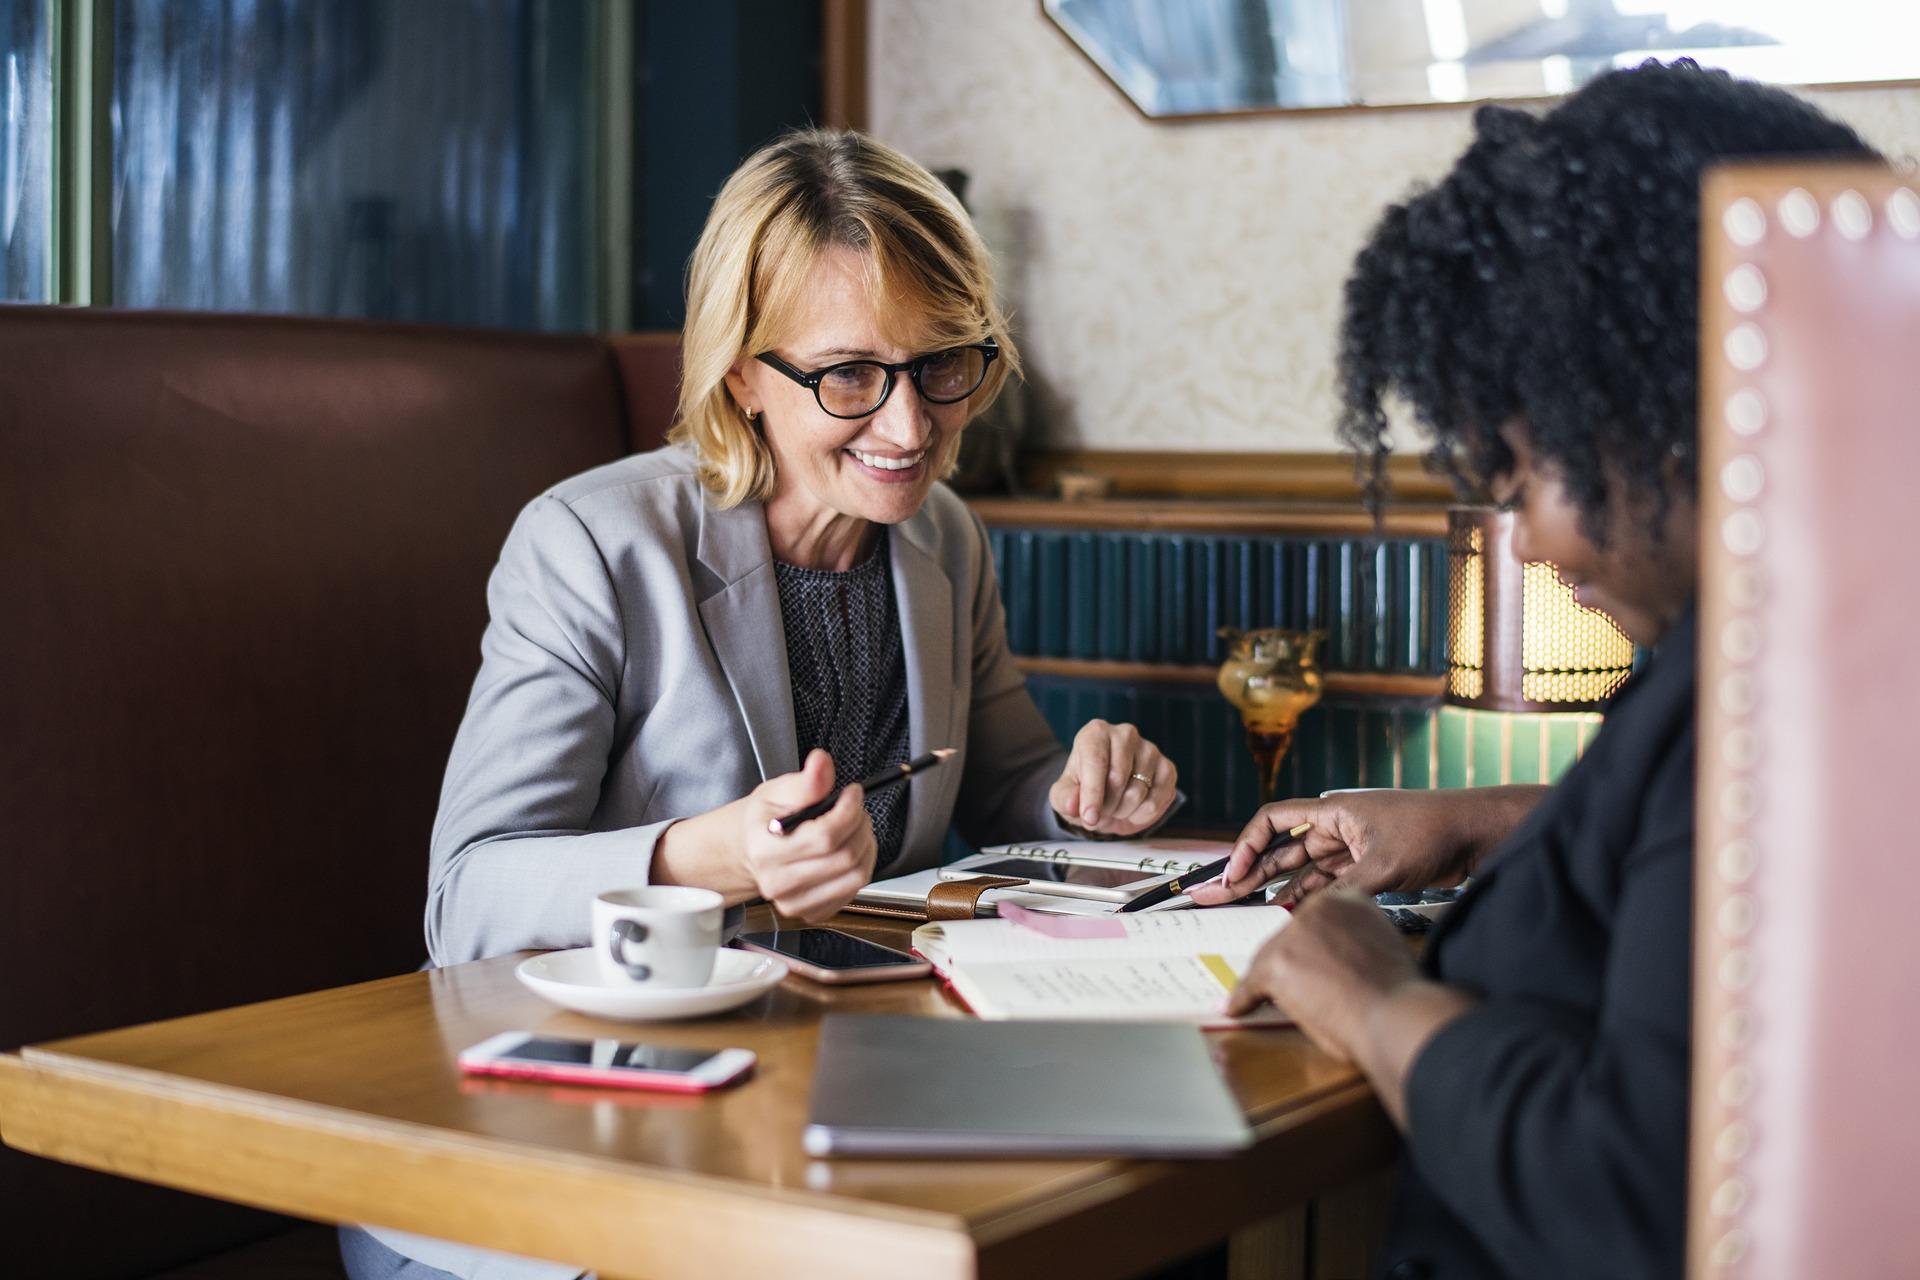 twee vrouwen aan tafel pratend over budgetcoaching